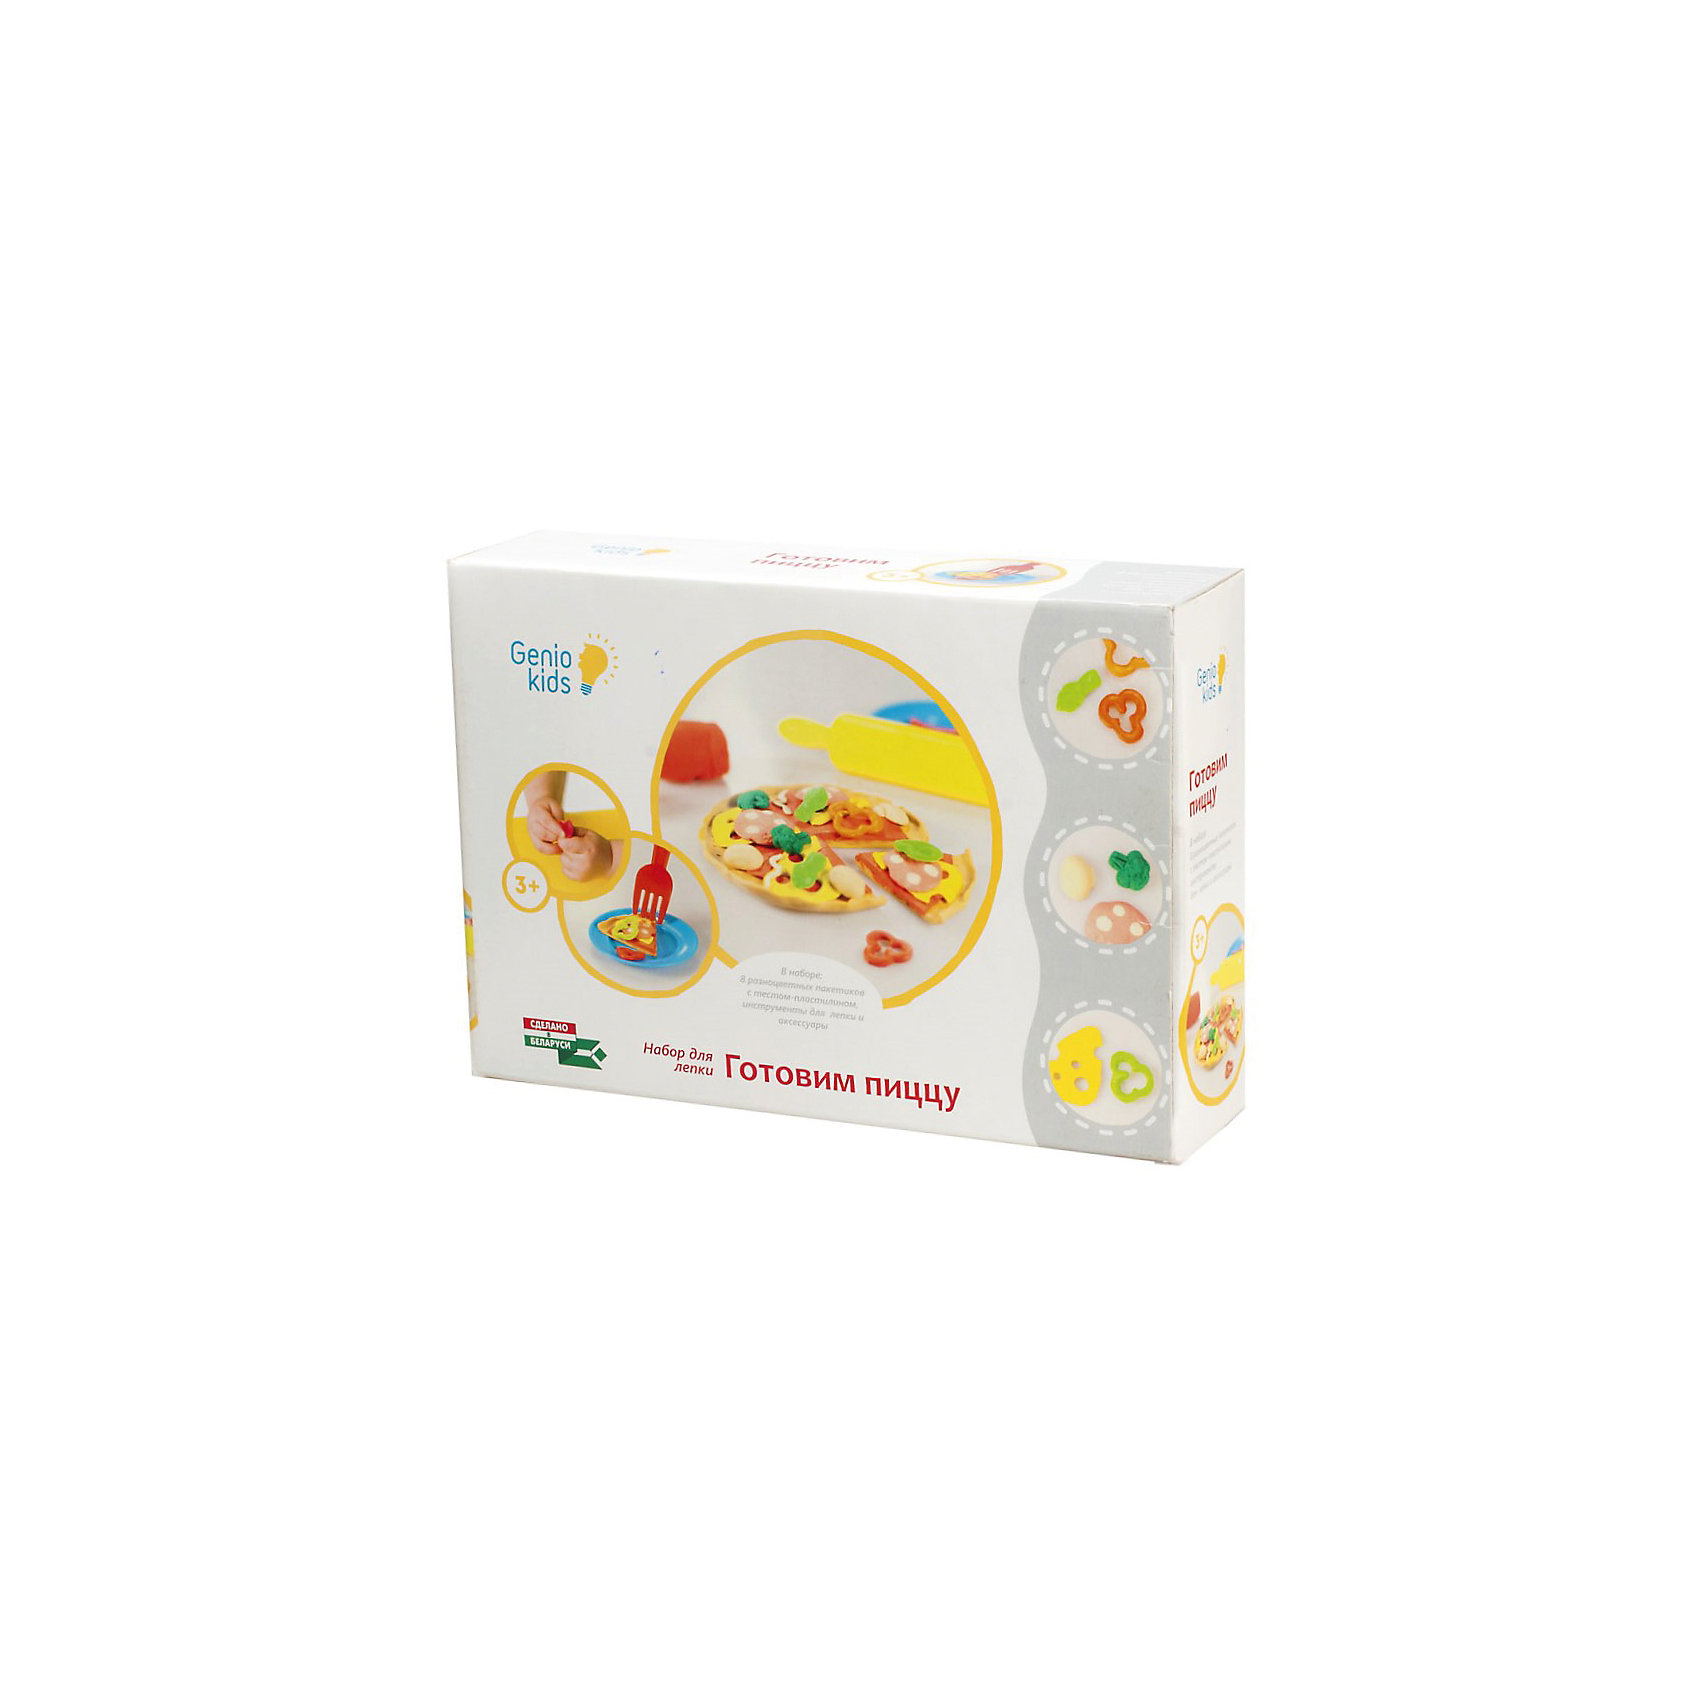 Набор для детского творчества Готовим ПиццуНаборы для лепки<br>При помощи набора теста и формочек ребёнок может создавать пиццу различных форм и видов. В комплекте  2 вилки, 2 блюдца, скалка, стек-ножик оригинальный, блистерная форма. 8 пакетиков с тесто-пластилином по 50 гр. Вес теста 400 гр.<br><br>Ширина мм: 250<br>Глубина мм: 170<br>Высота мм: 60<br>Вес г: 630<br>Возраст от месяцев: 36<br>Возраст до месяцев: 108<br>Пол: Унисекс<br>Возраст: Детский<br>SKU: 5018312